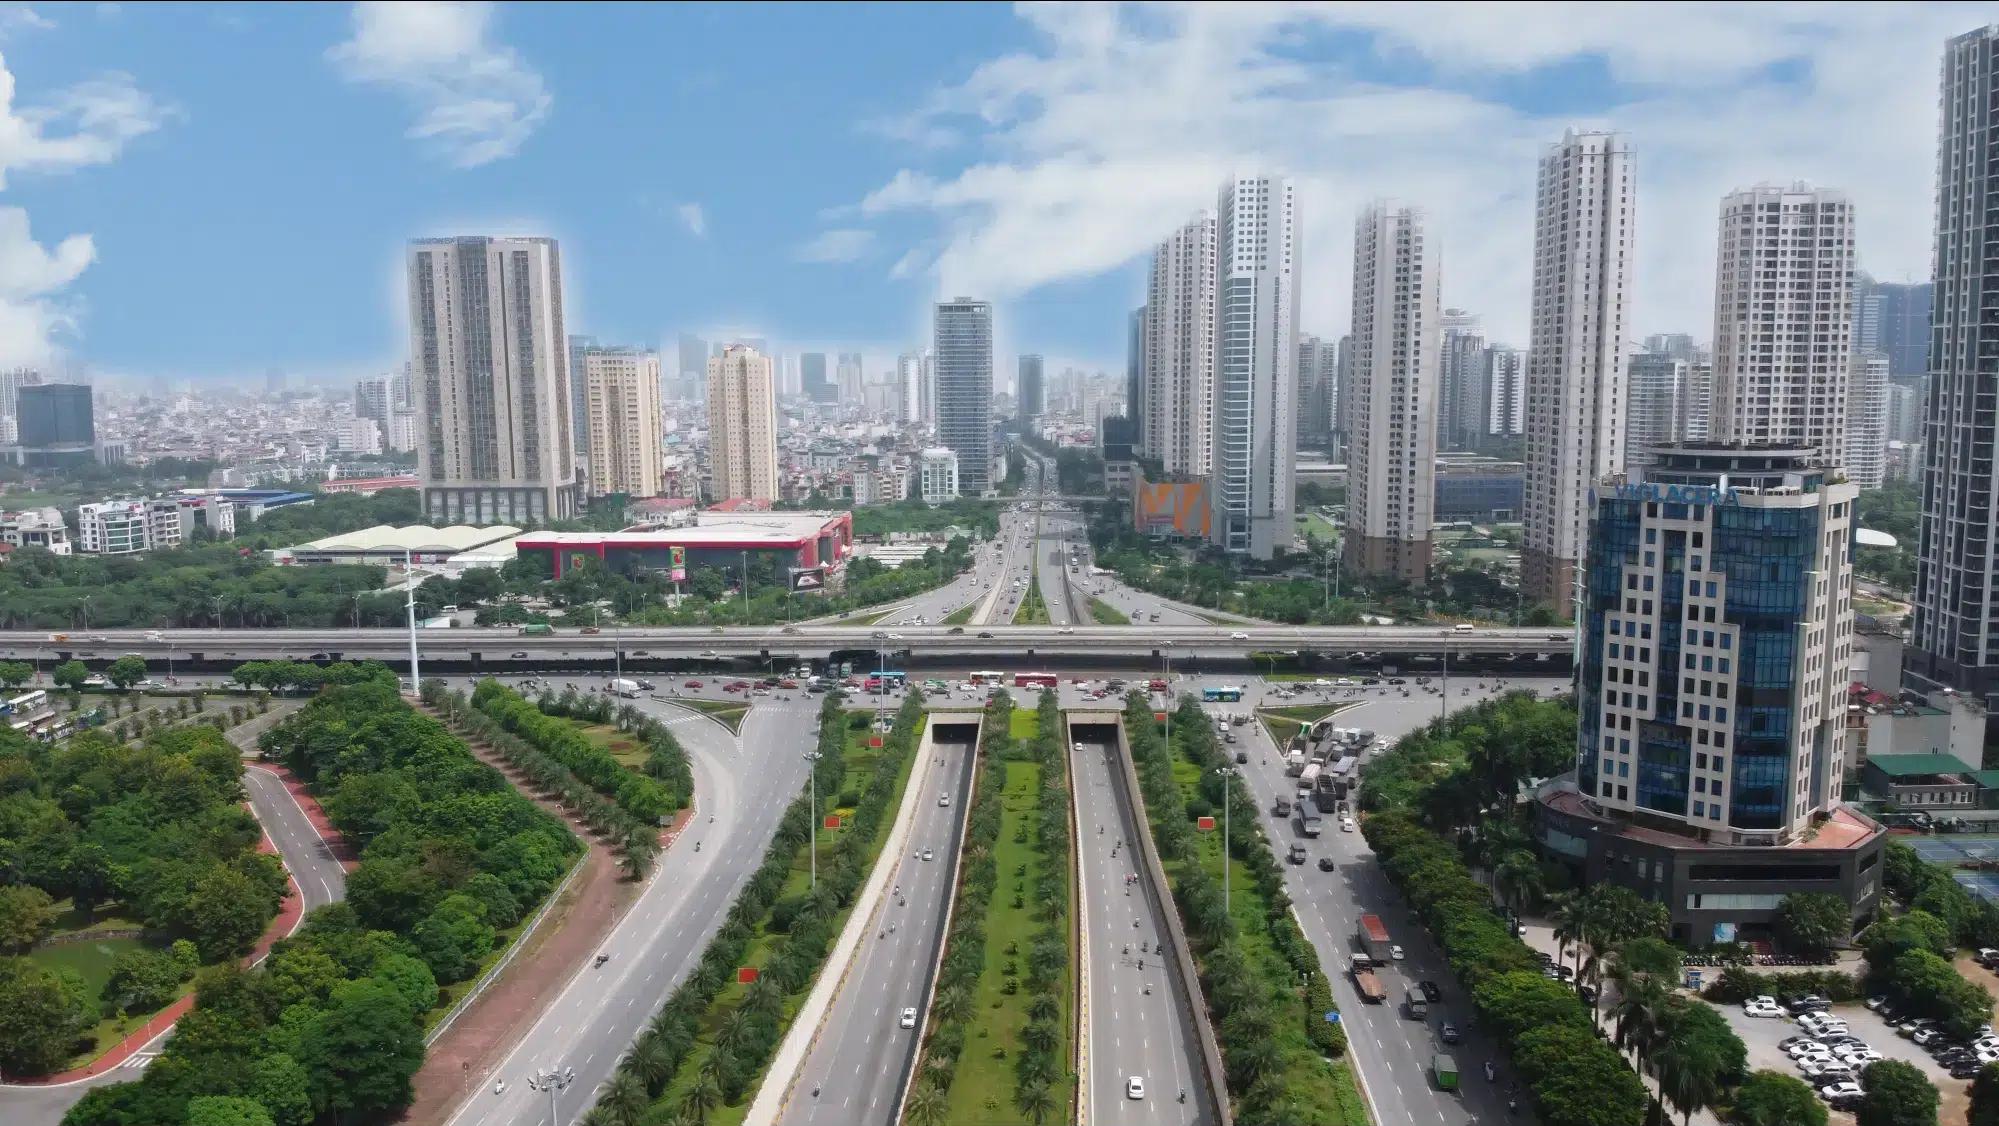 Định hướng phát triển các vùng 5 năm tới: Chọn một số đô thị để xây dựng trung tâm kinh tế, tài chính - Ảnh 1.